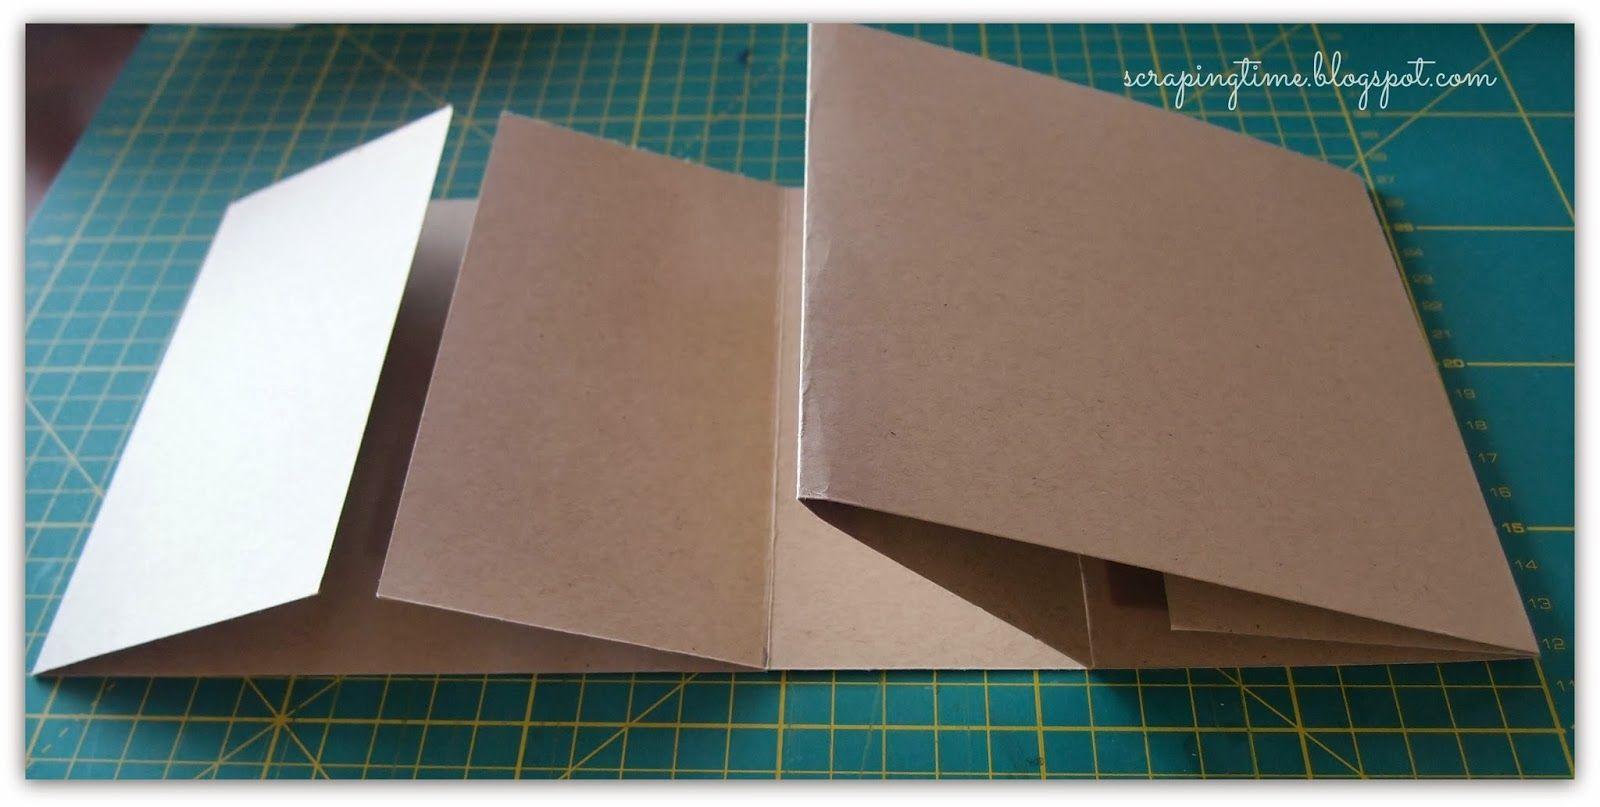 Cuquicosas Blog: ♦ Mini Album de Scrap con un toque masculino